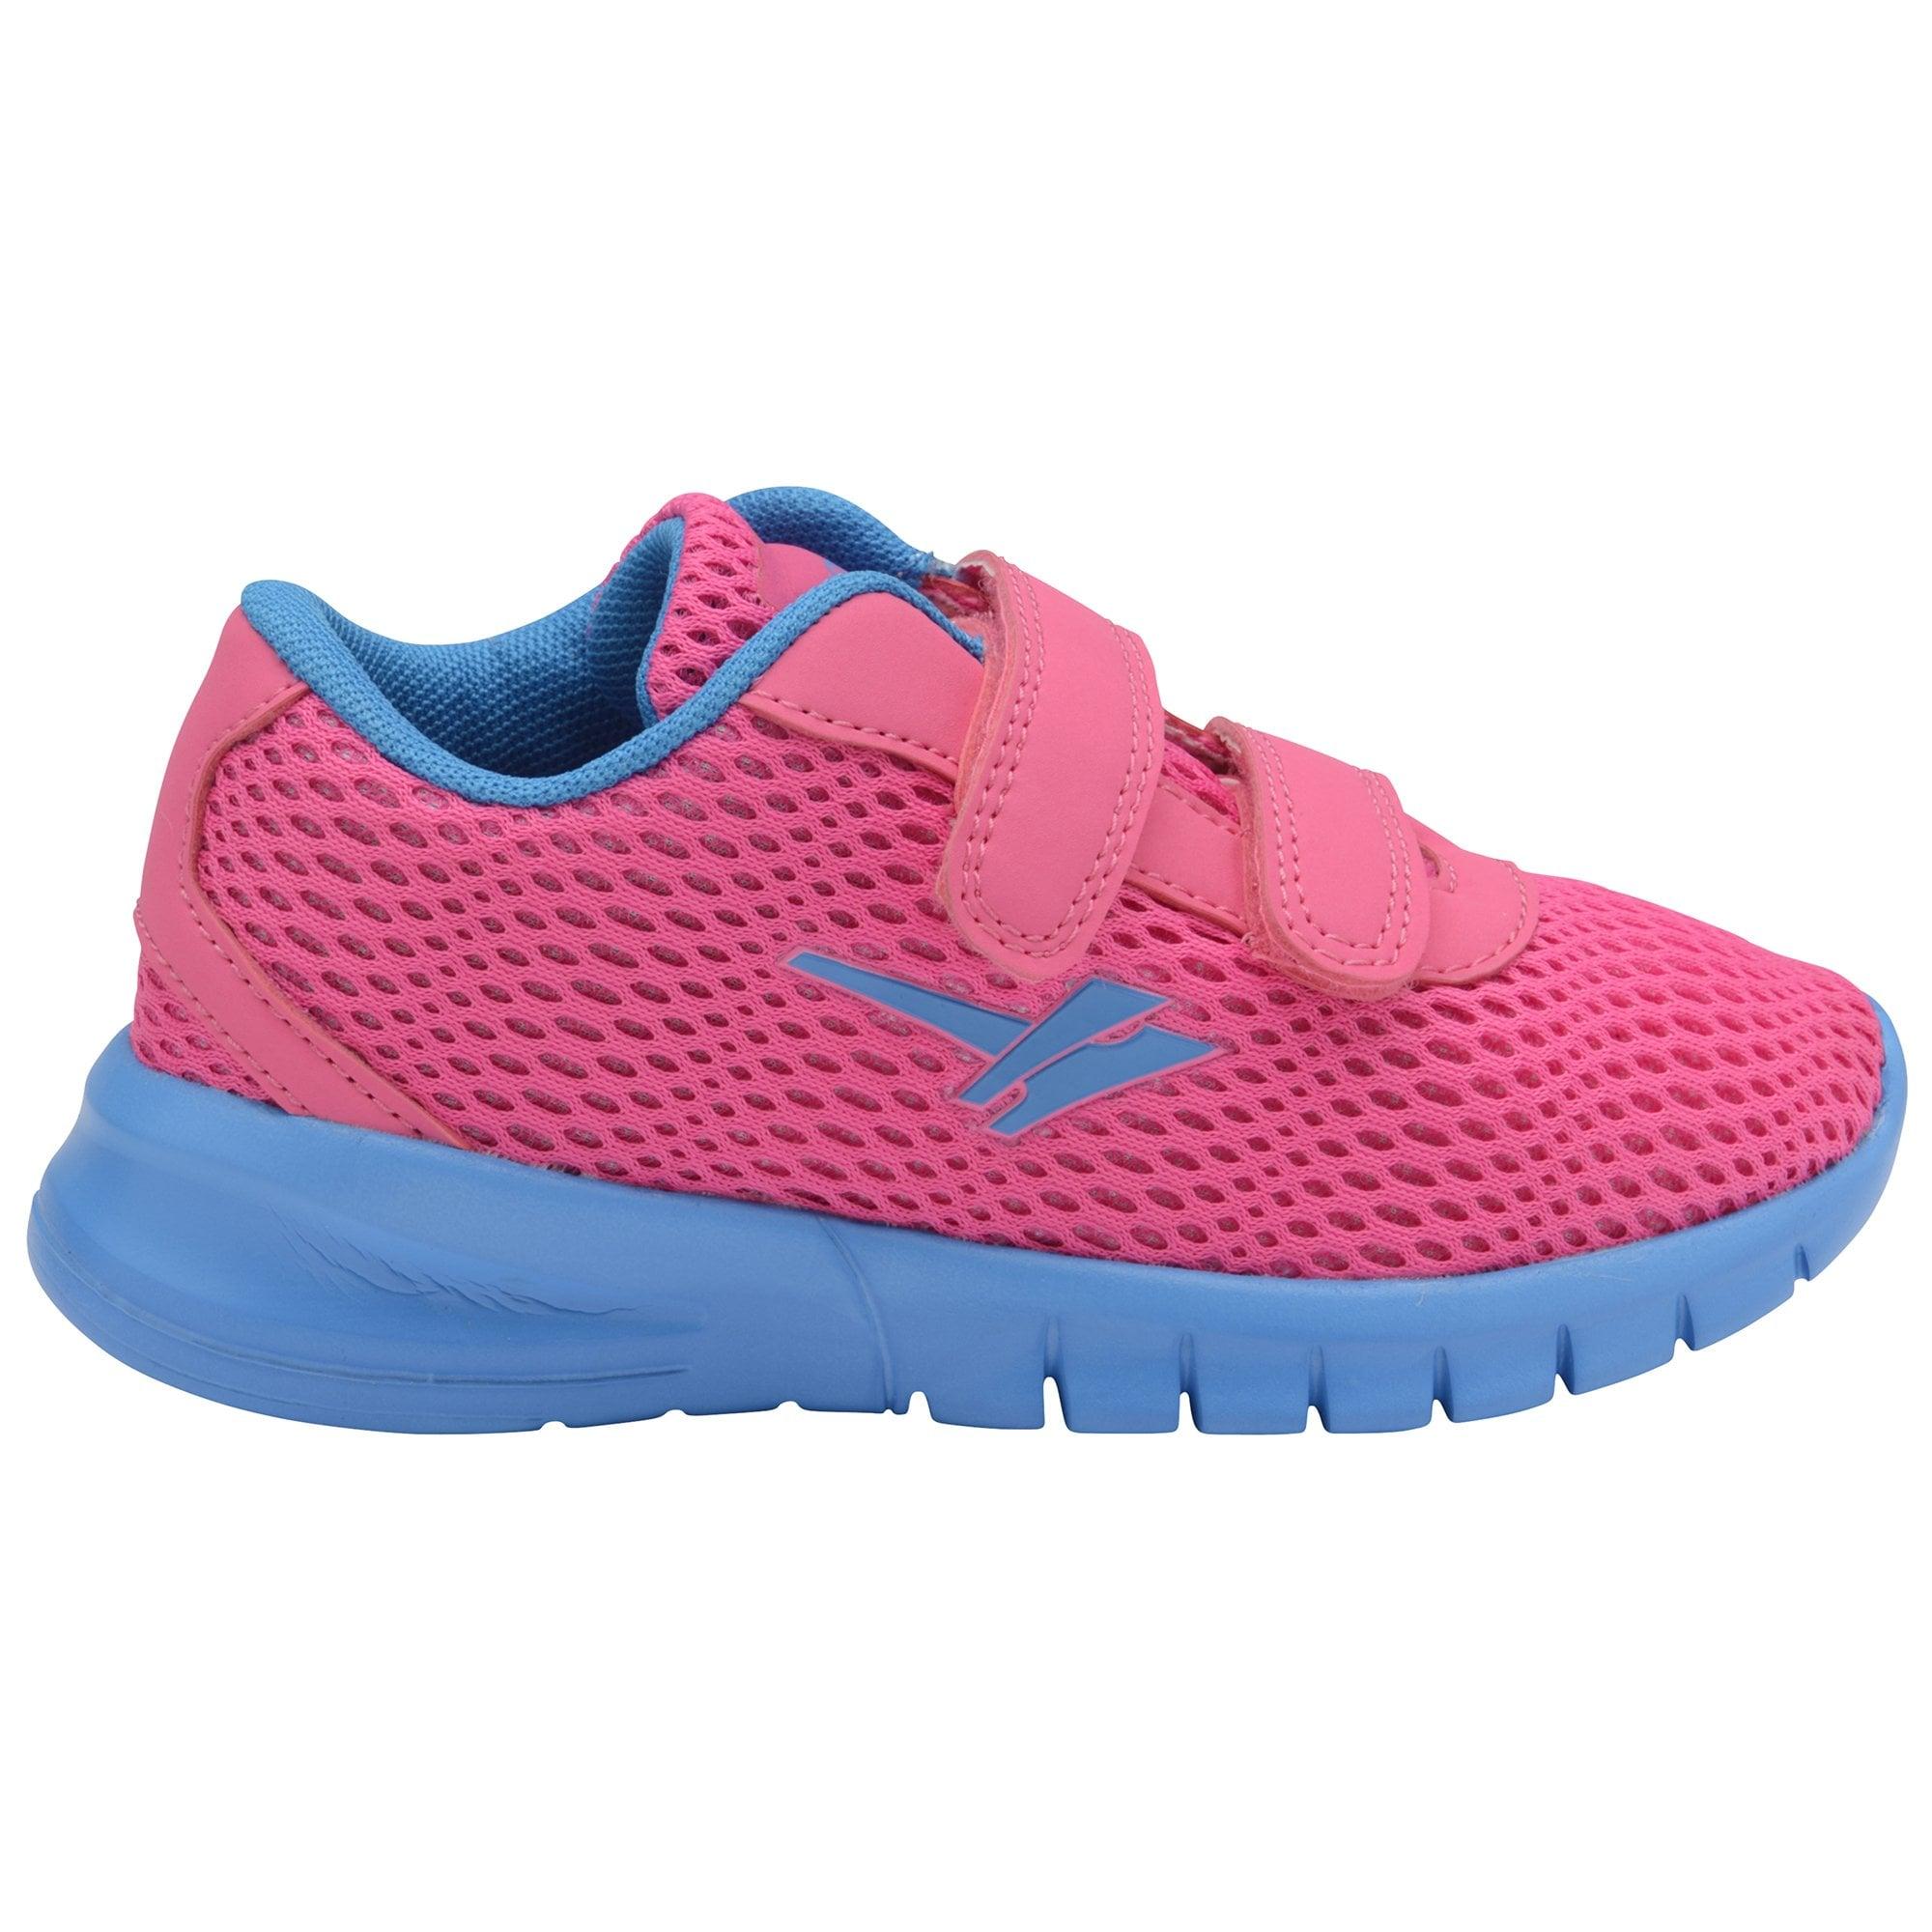 Gola Active Beta 2 Infants//Kids Sneakers